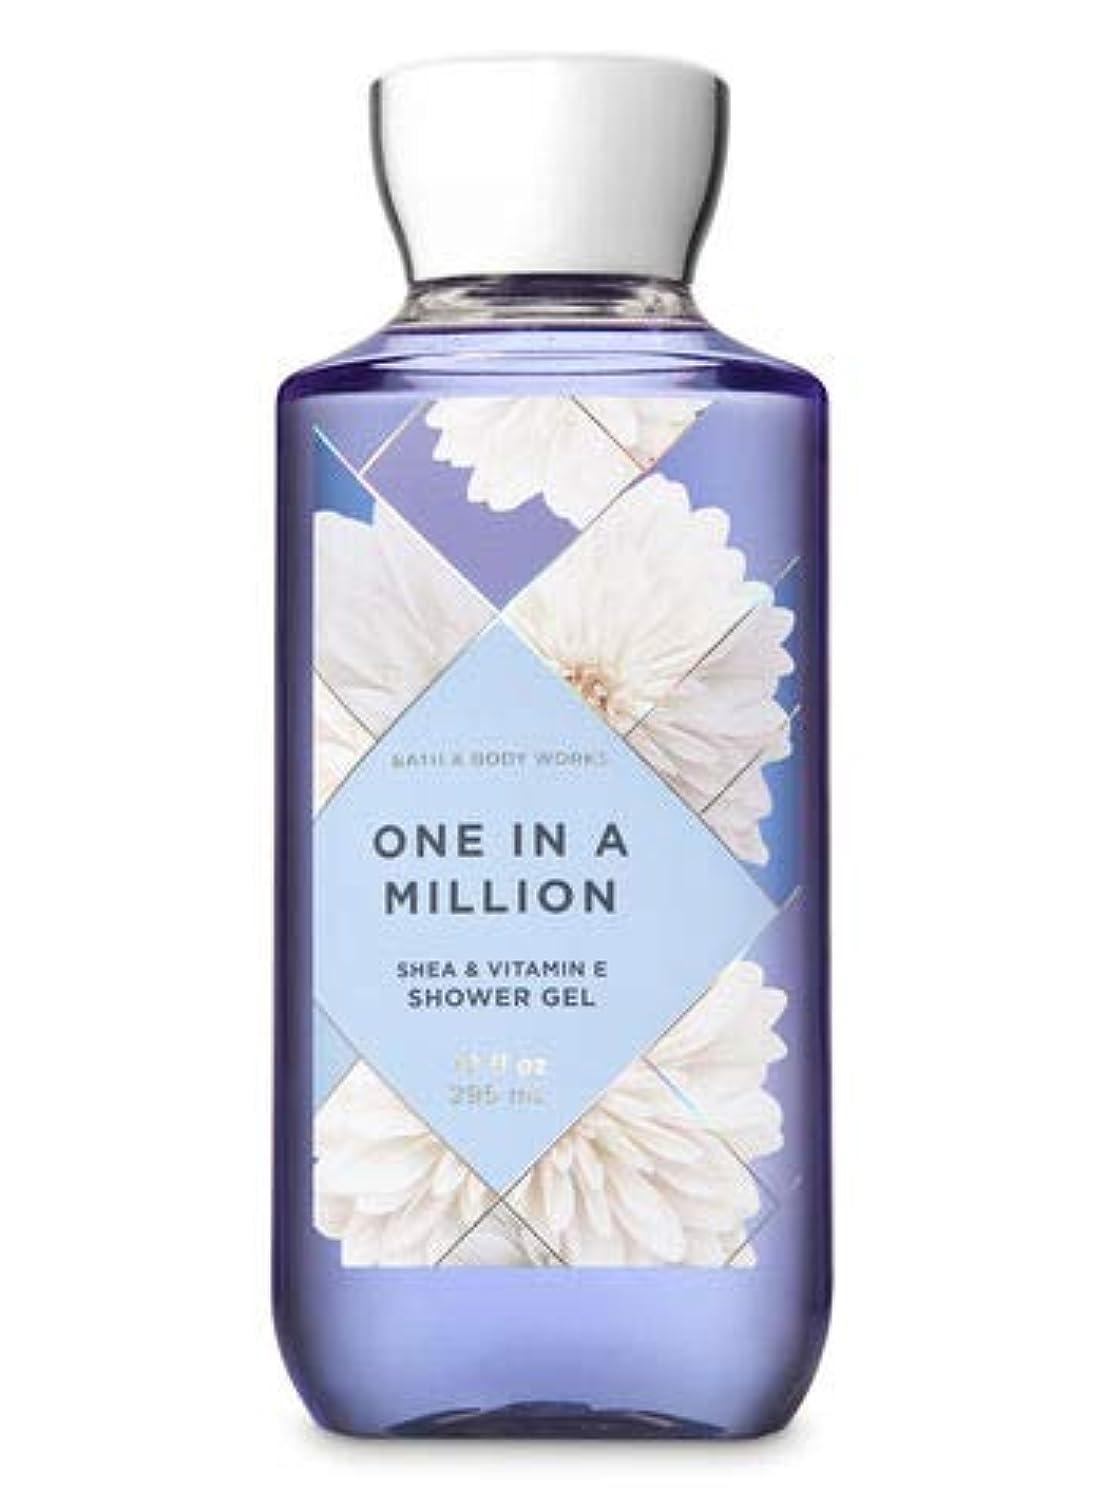 劇的ヘロイン感謝する【Bath&Body Works/バス&ボディワークス】 シャワージェル ワンインアミリオン Shower Gel One in a Million 10 fl oz / 295 mL [並行輸入品]